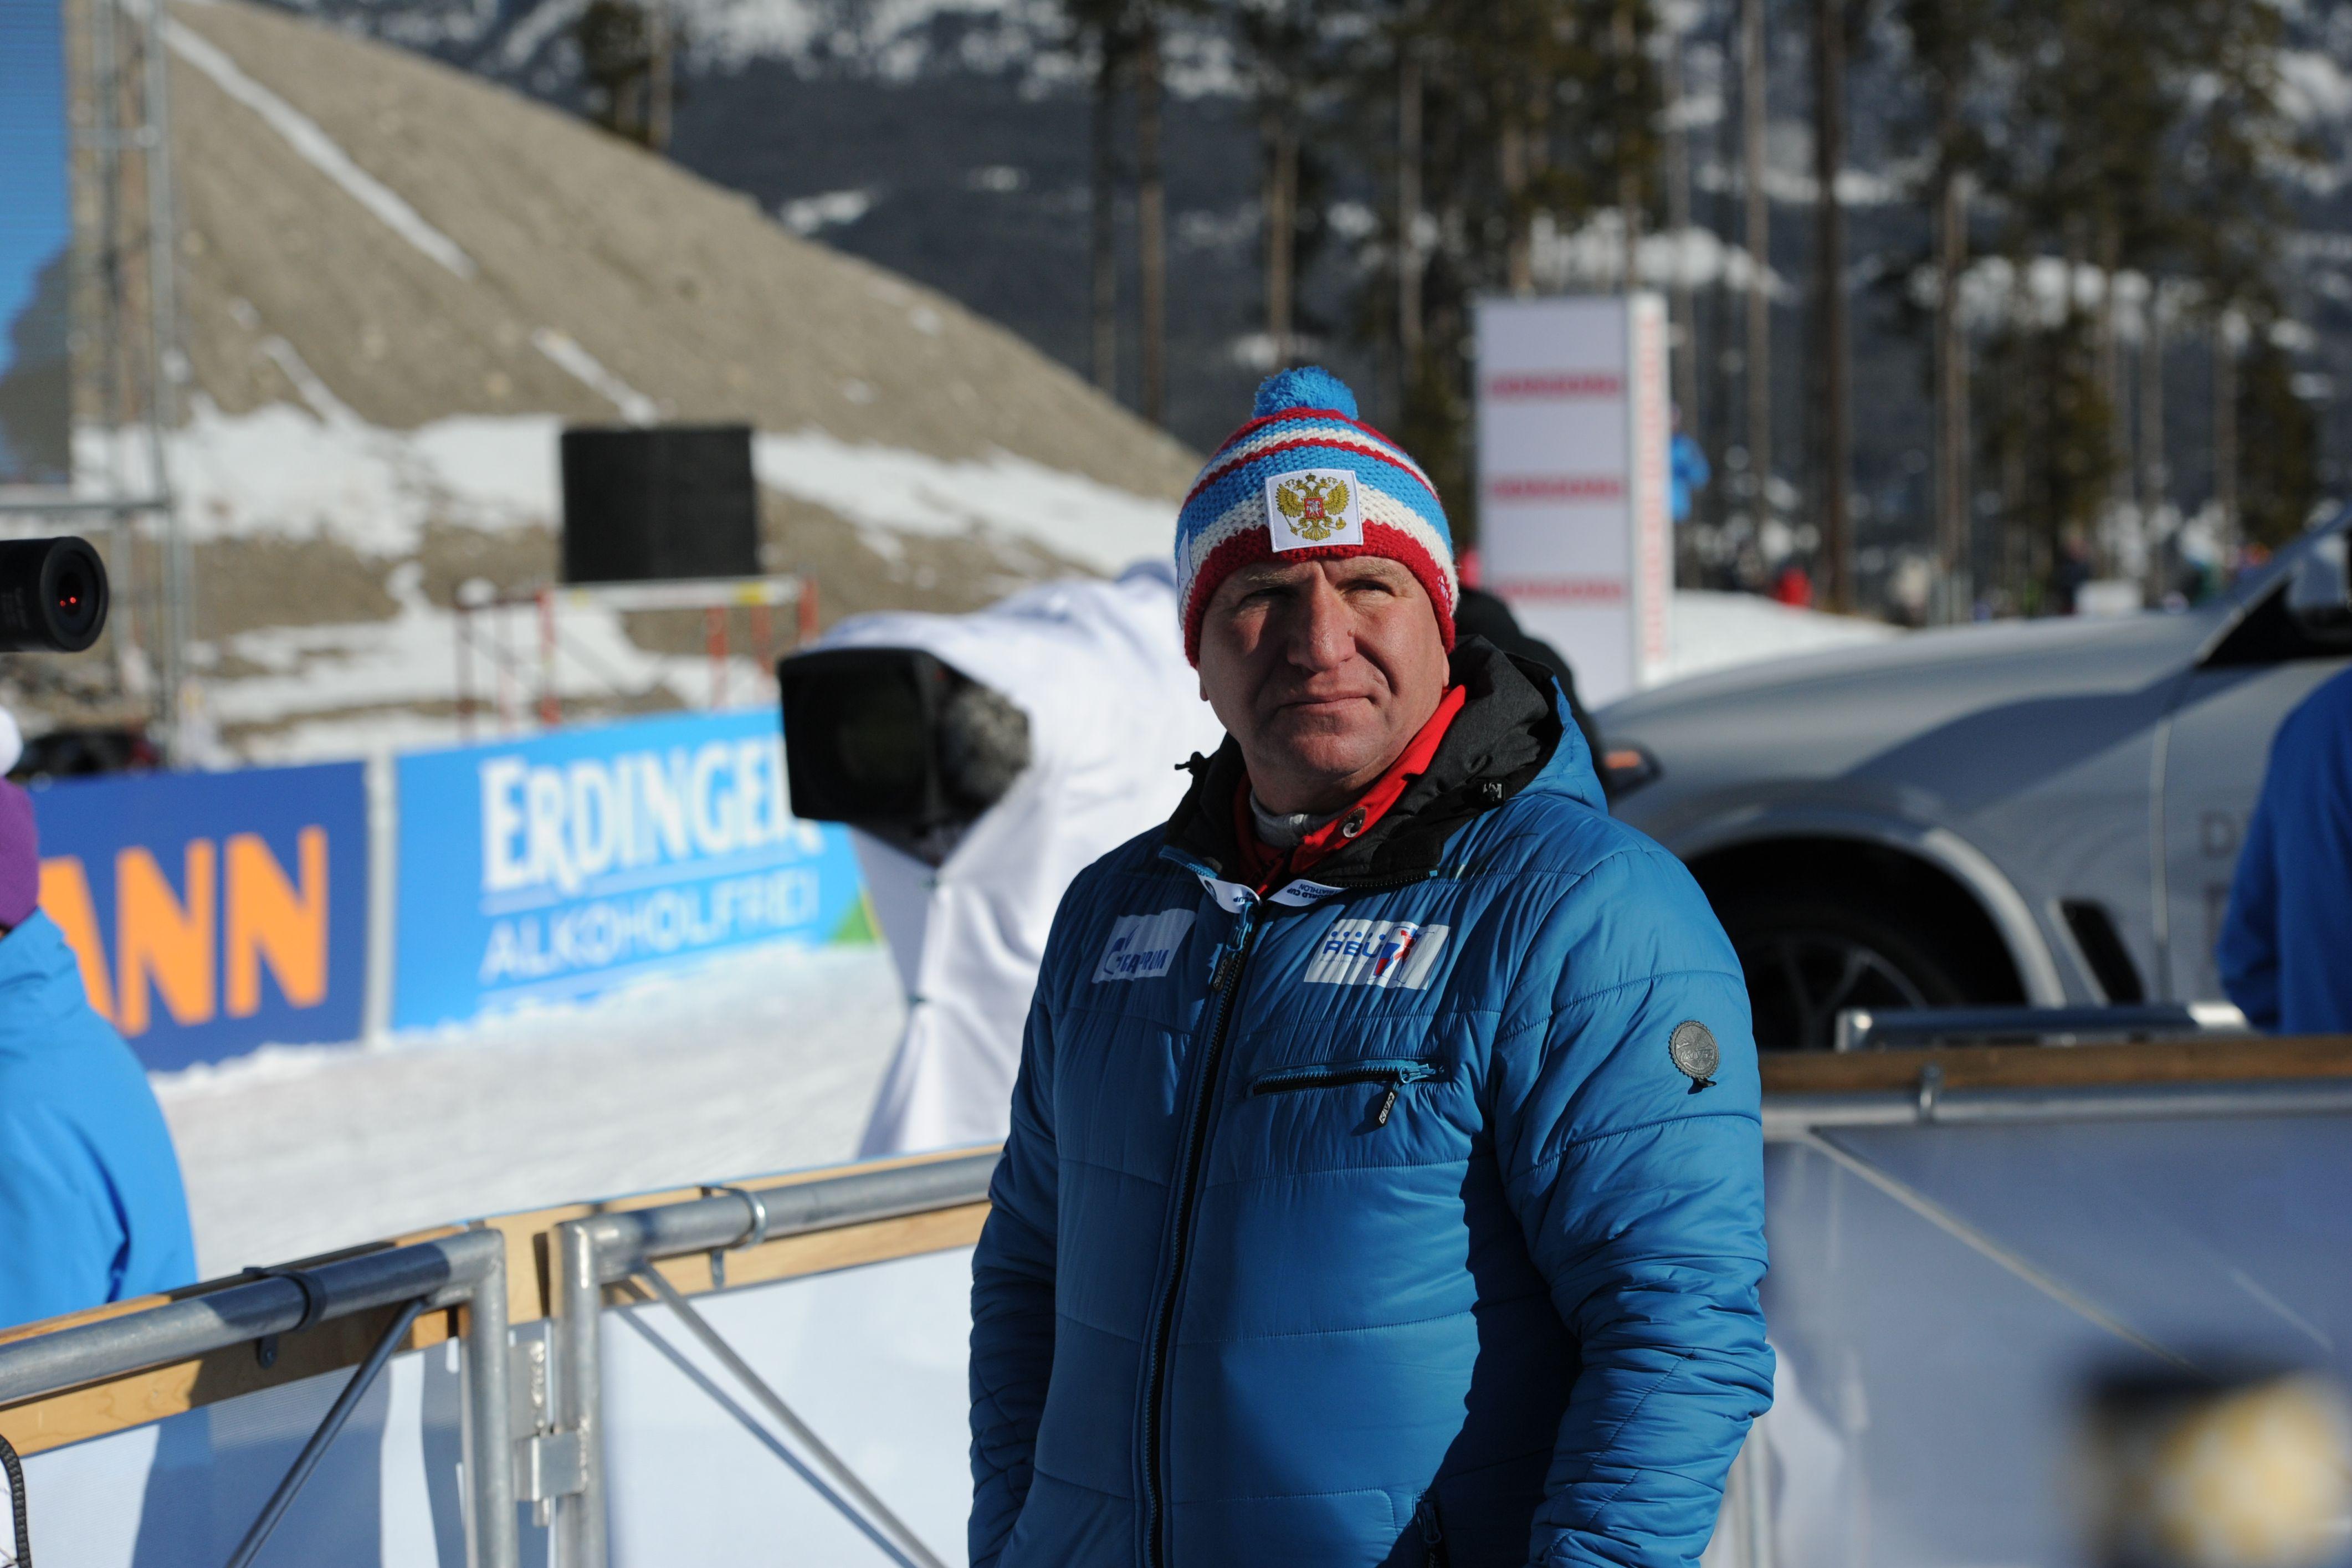 Хованцев прокомментировал выступление российских биатлонисток на ЧМ в Поклюке